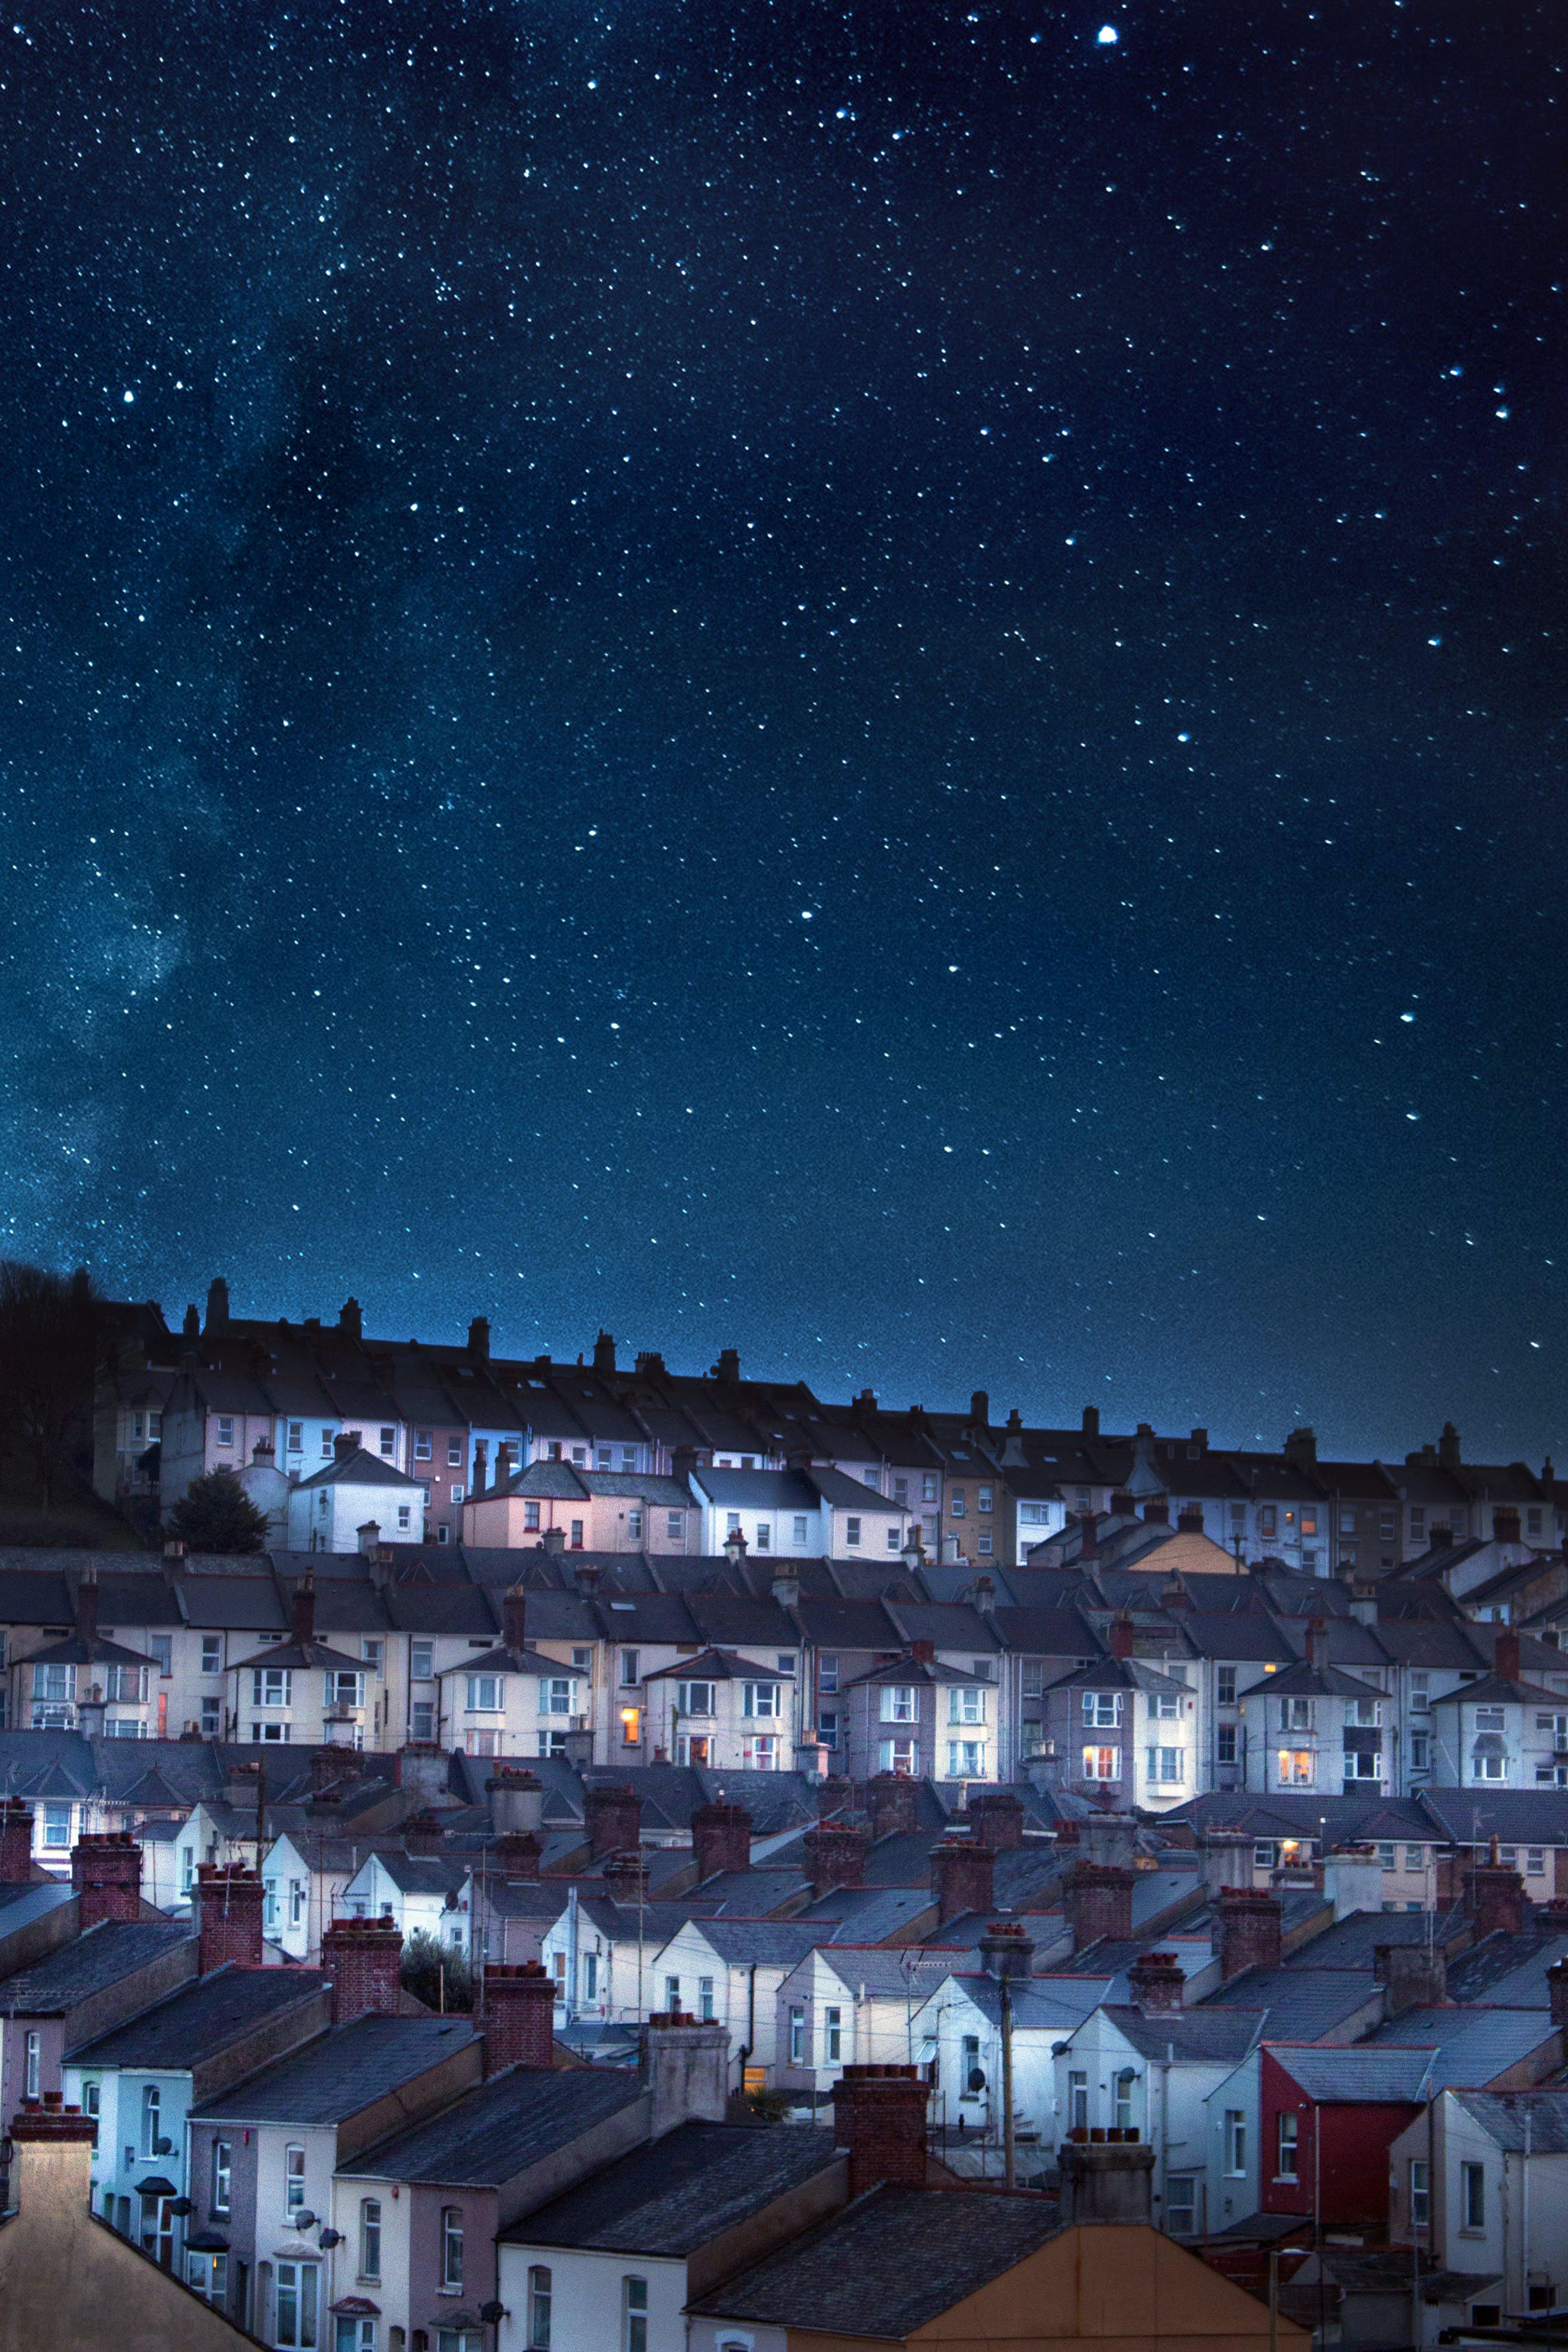 Δωρεάν στοκ φωτογραφιών με Αγγλία, απόγευμα, αρχιτεκτονική, αστέρια